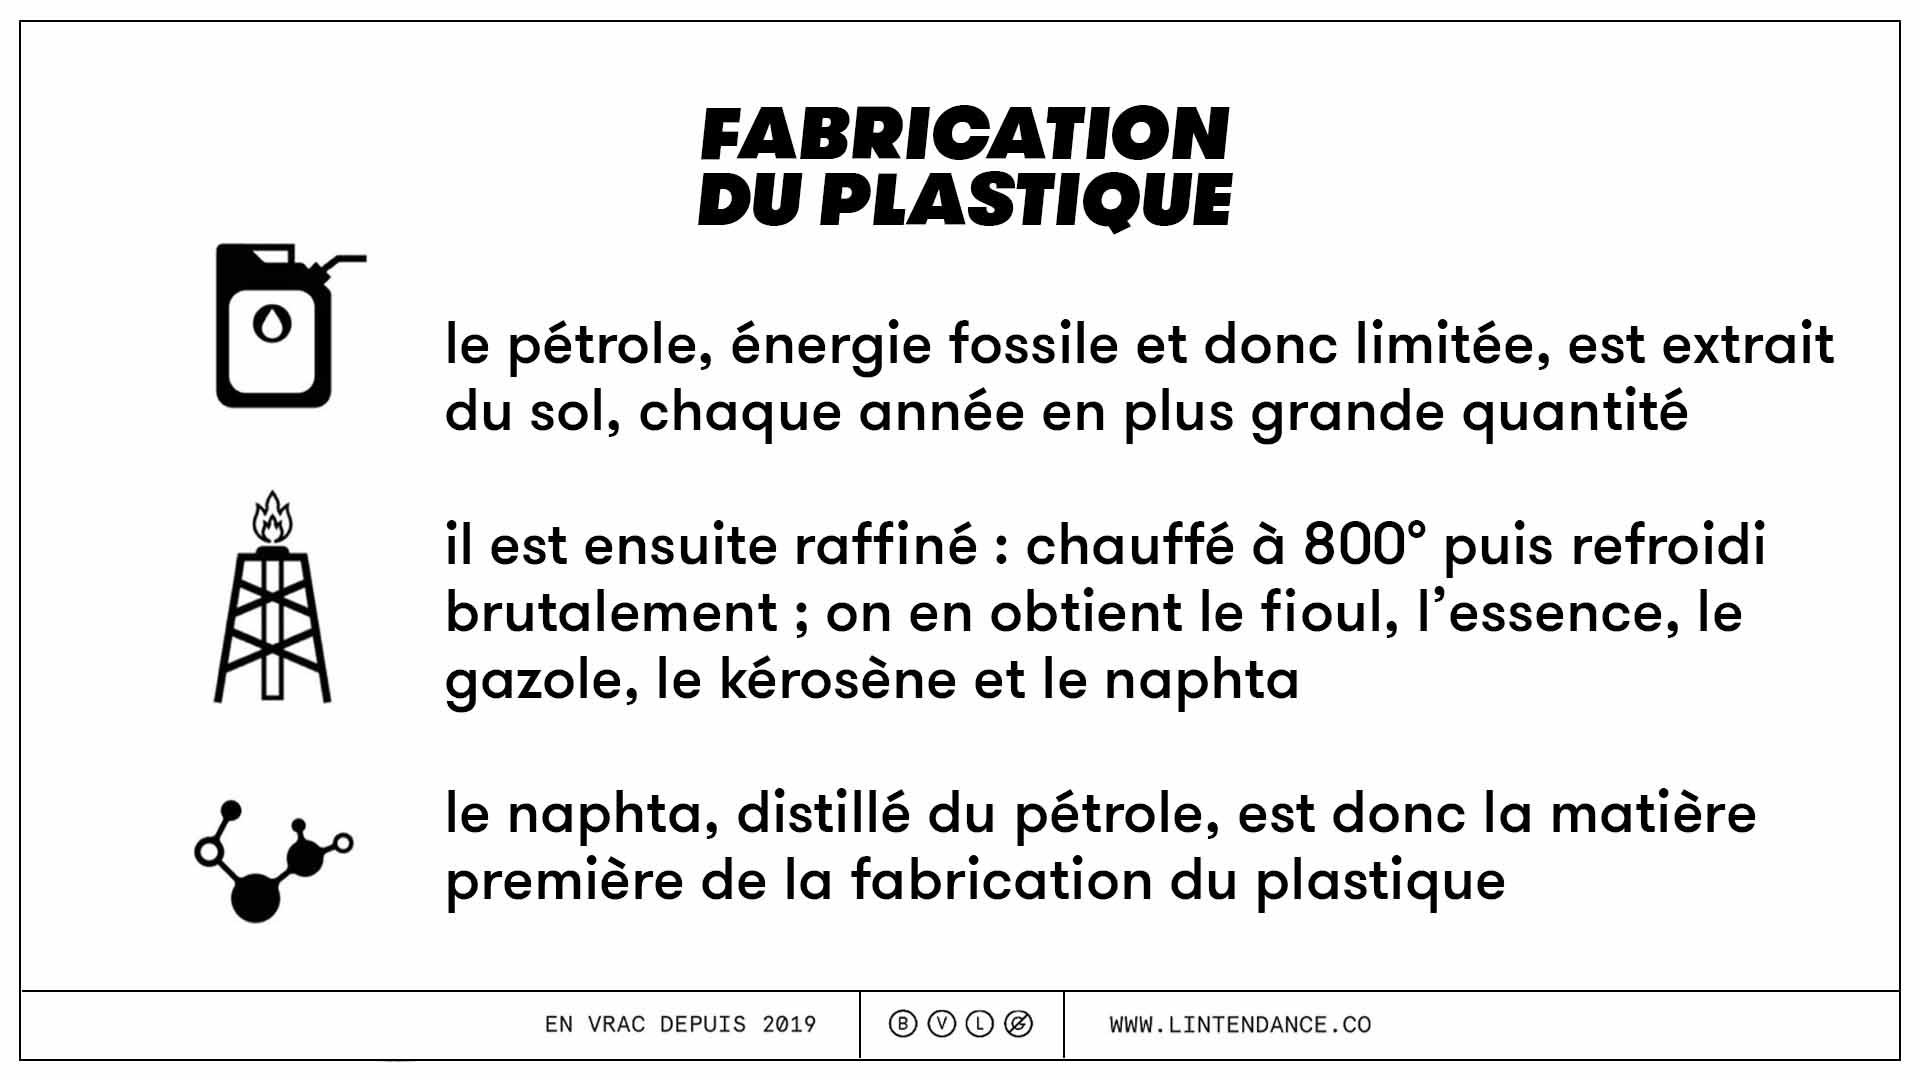 Fabrication du plastique zéro déchet environnement énergie pétrole